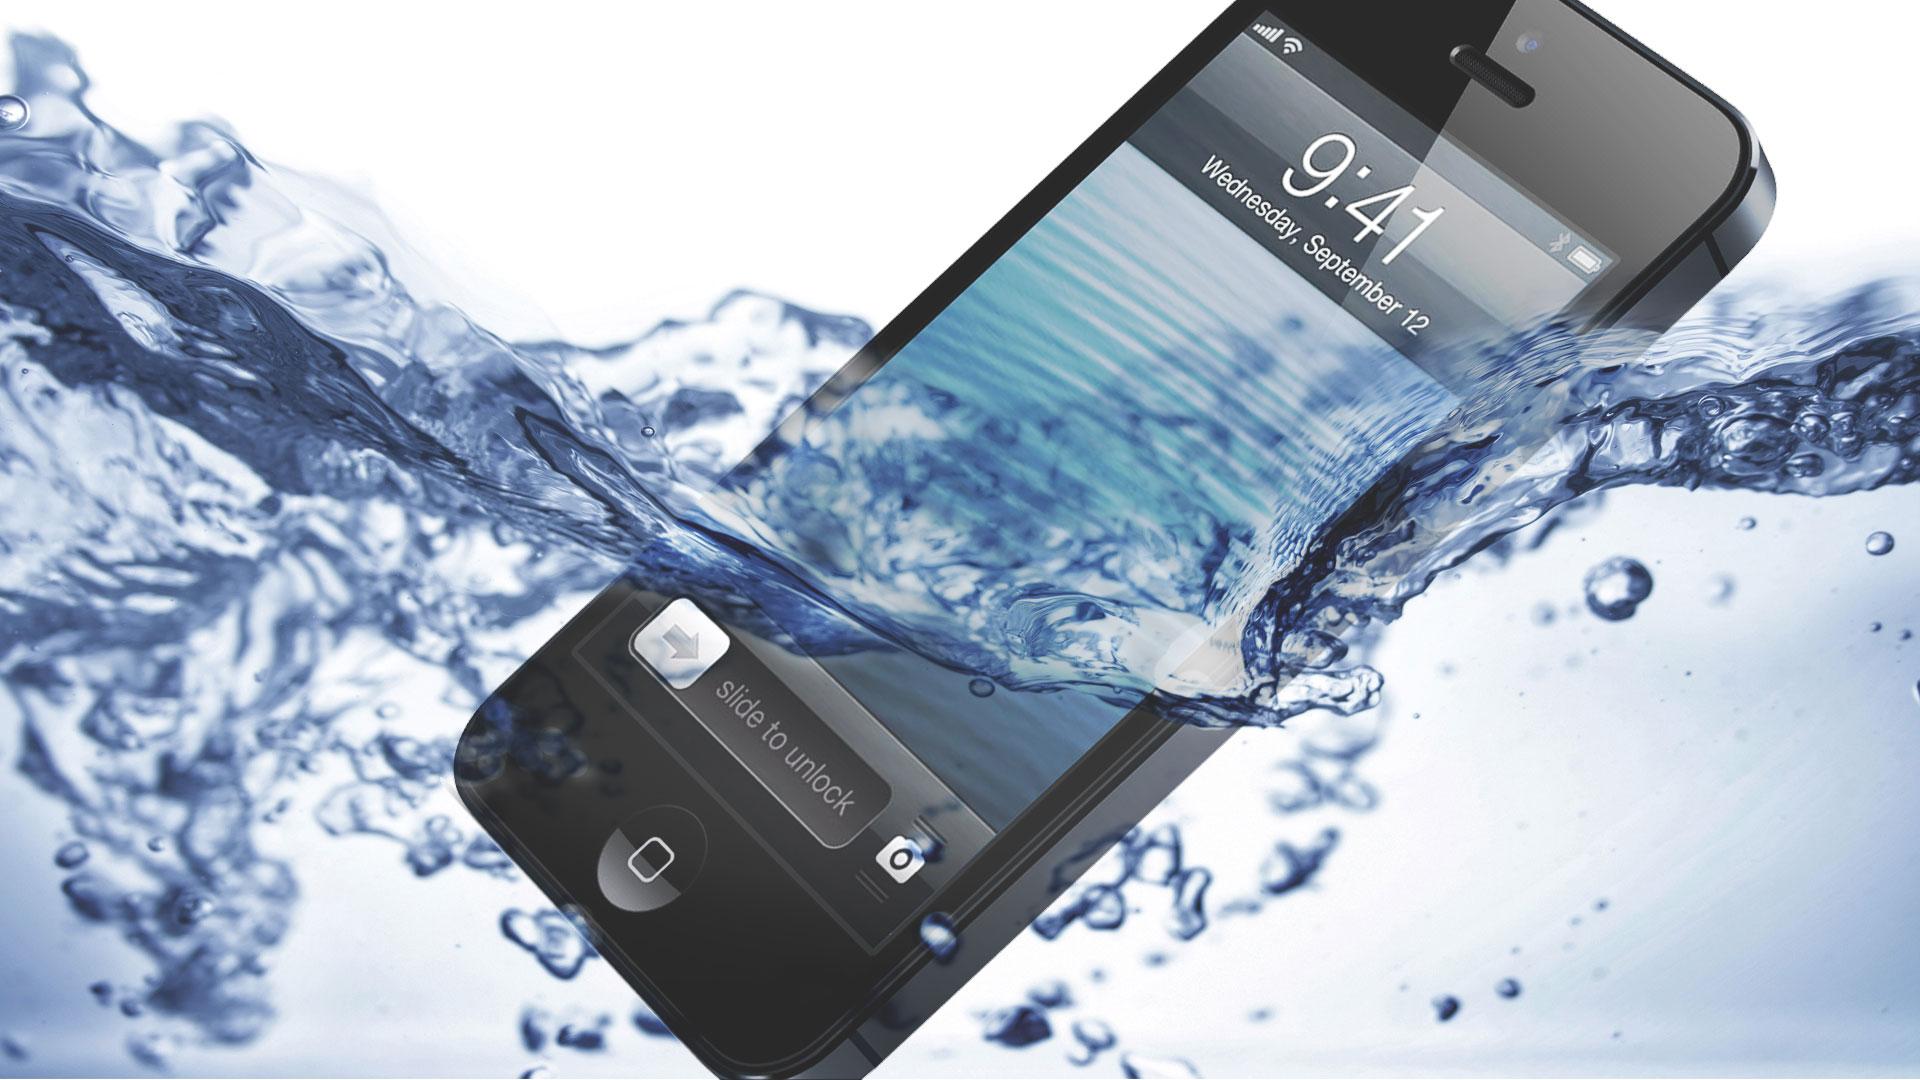 Kullandığınız Telefon Suya Düştü Peki Ne Yapmamalıyız?